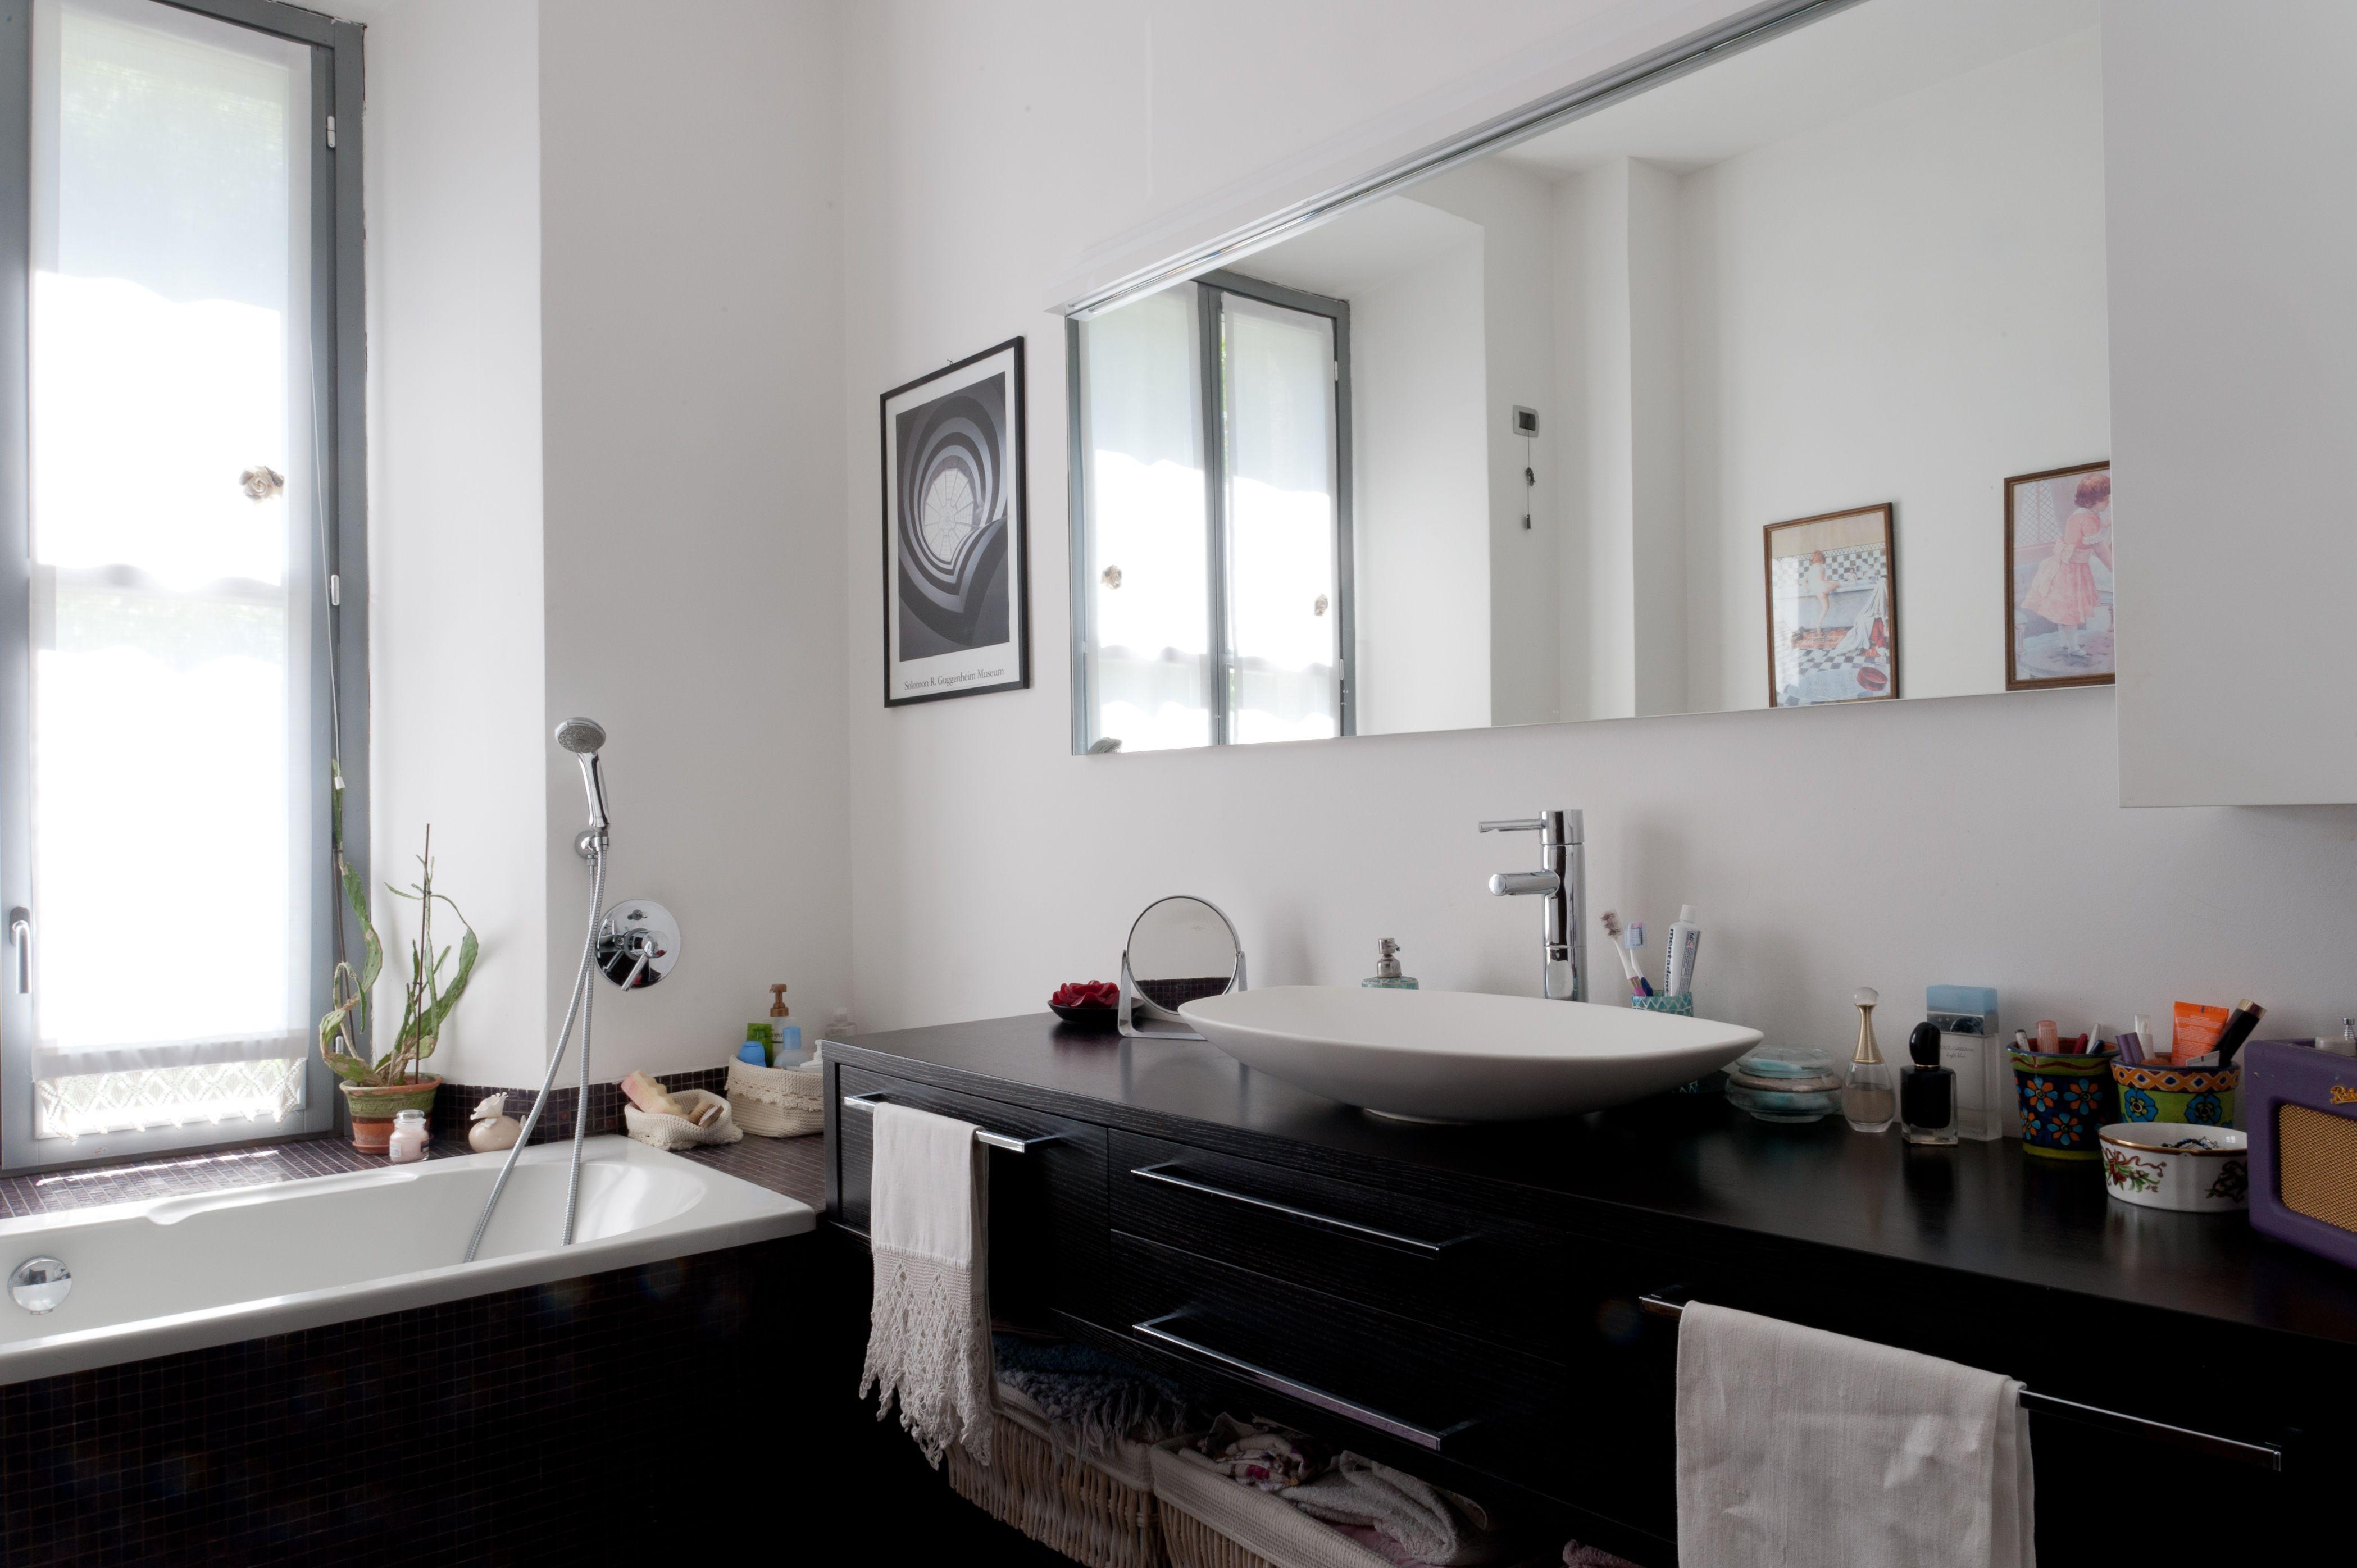 Mobile d' appoggio lavandino in wengè realizzato a disegno con ampio specchio. Illuminazione a led incassata nel cielino.